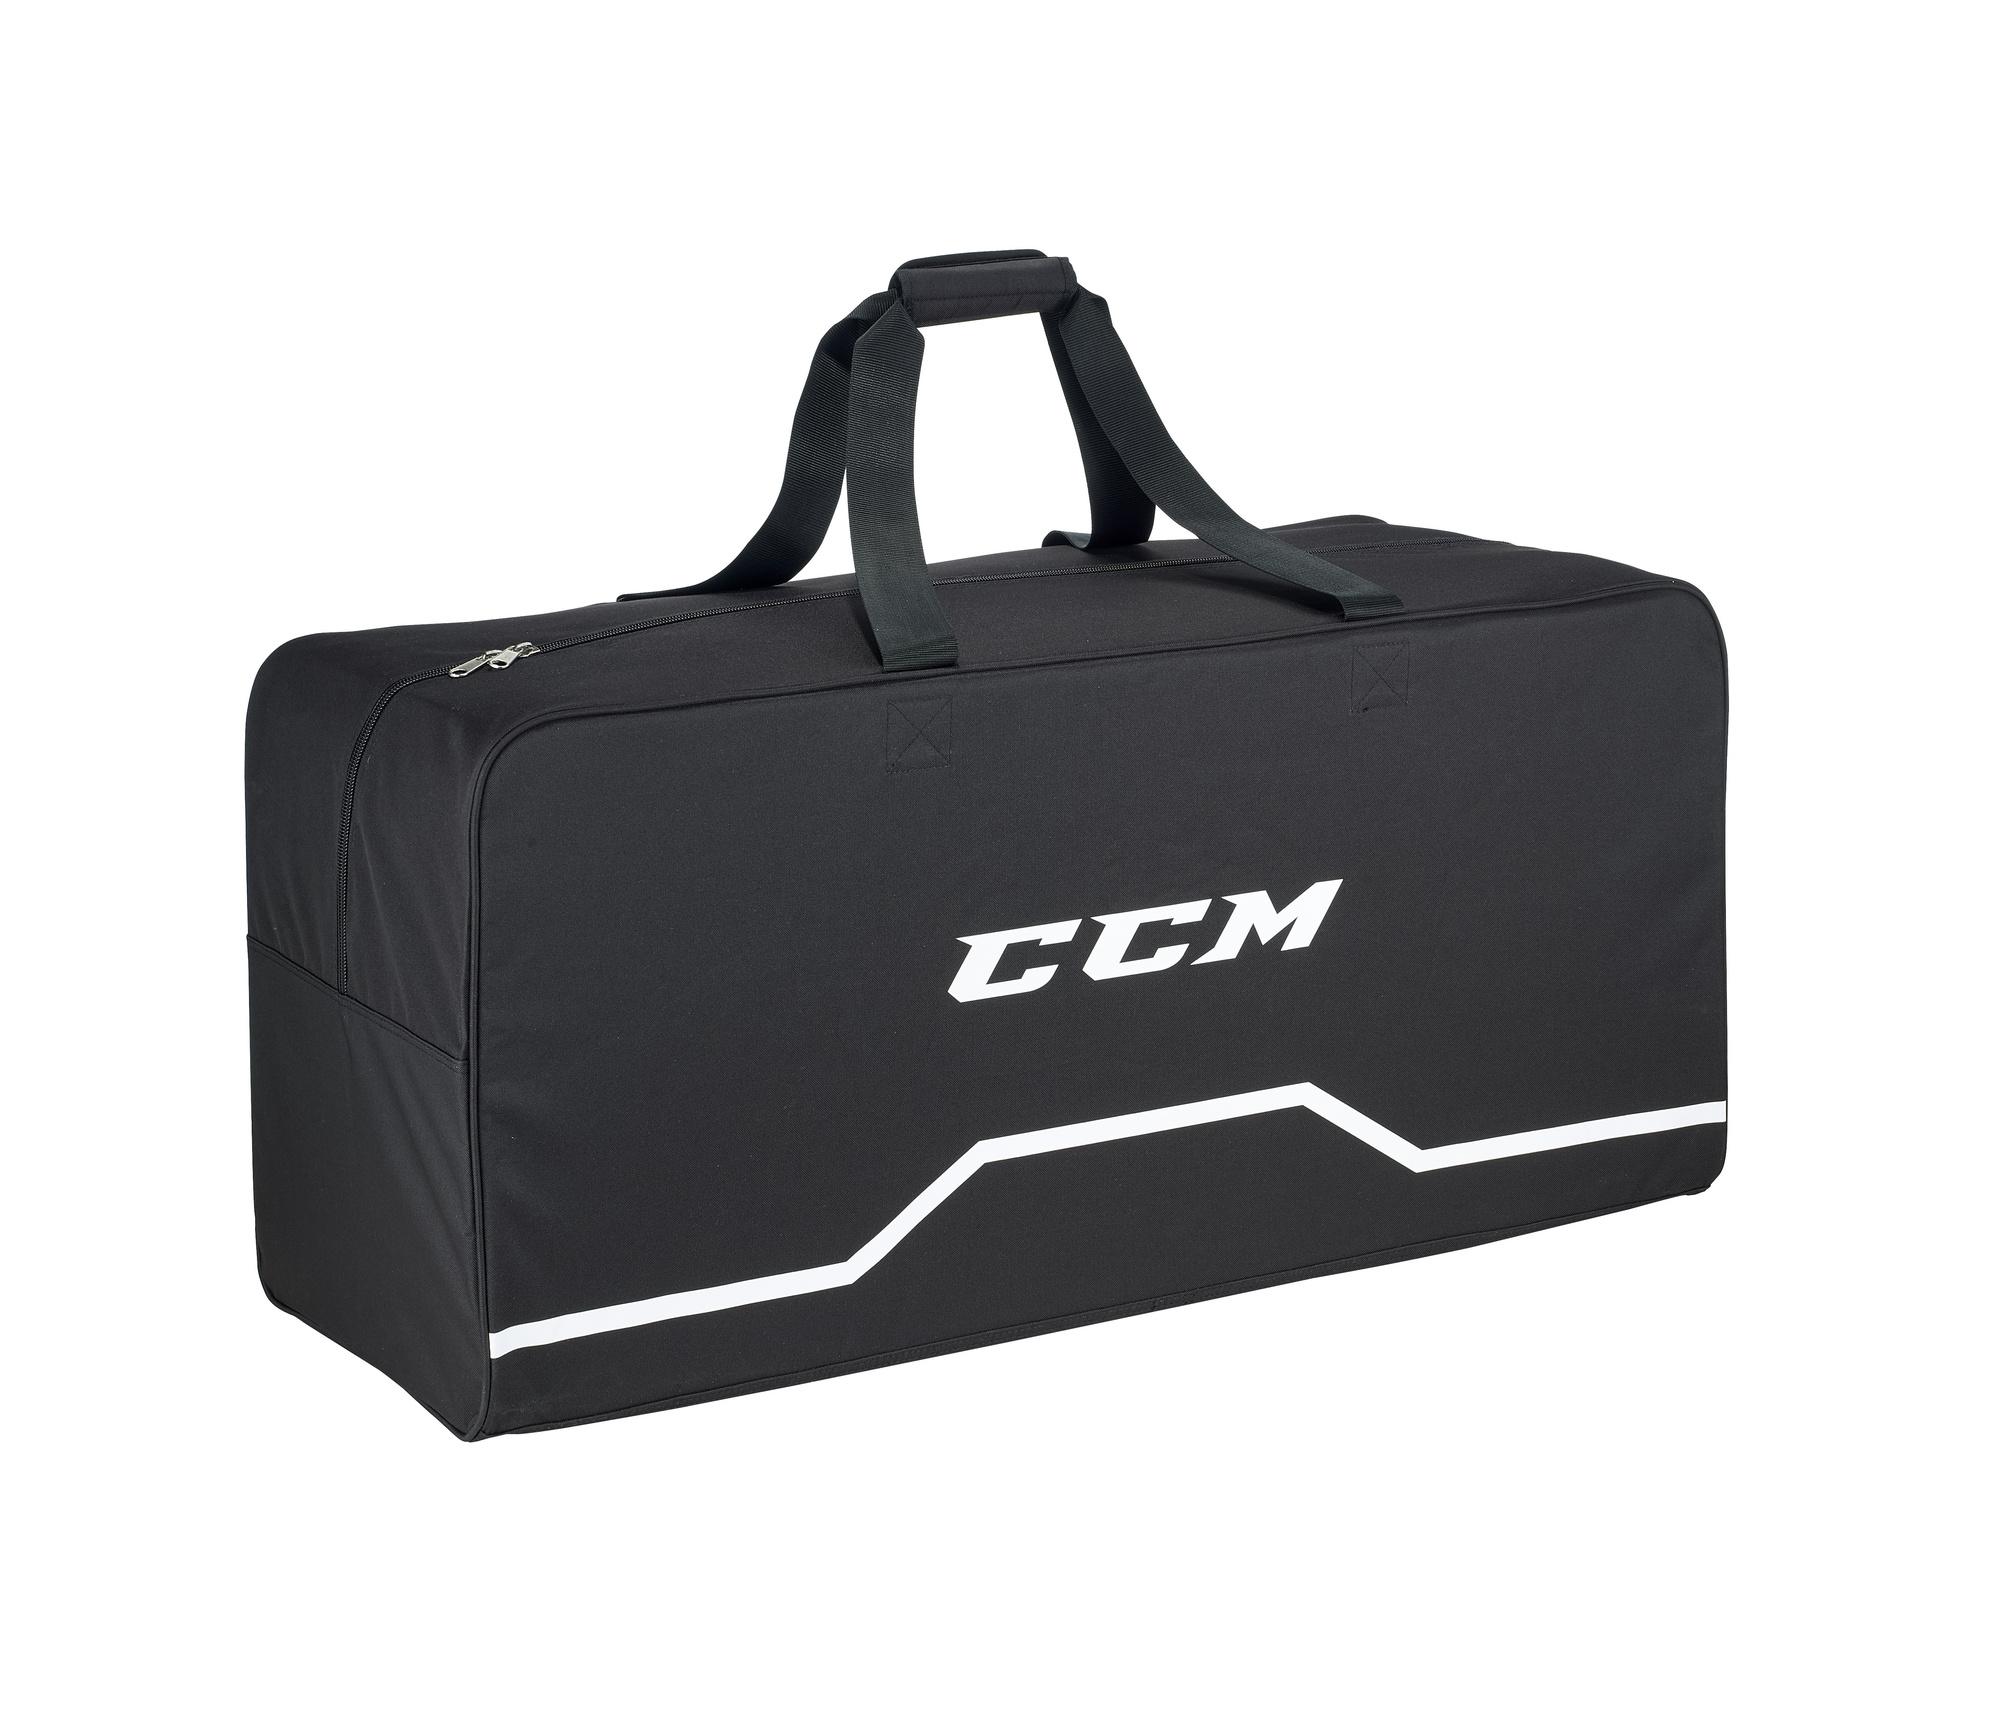 """Taška CCM 310 Core Carry Bag, černá, Dětská, 24"""""""